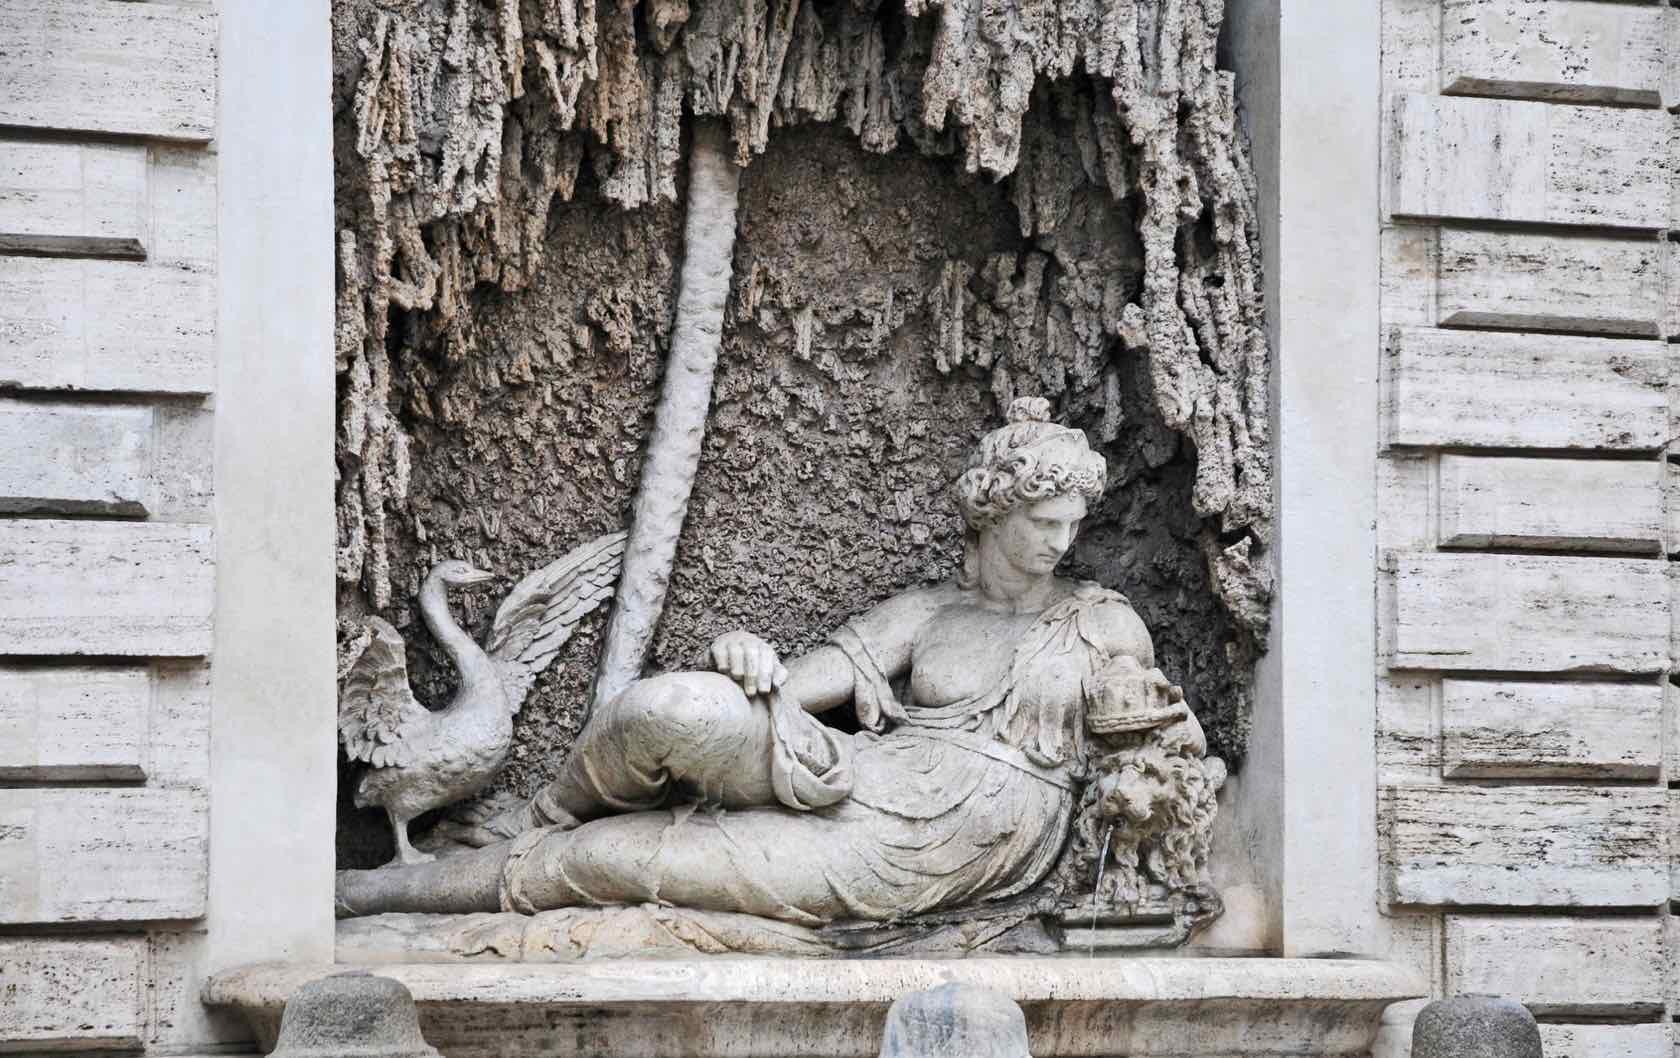 Via delle Quattro Fontane fountains in Rome